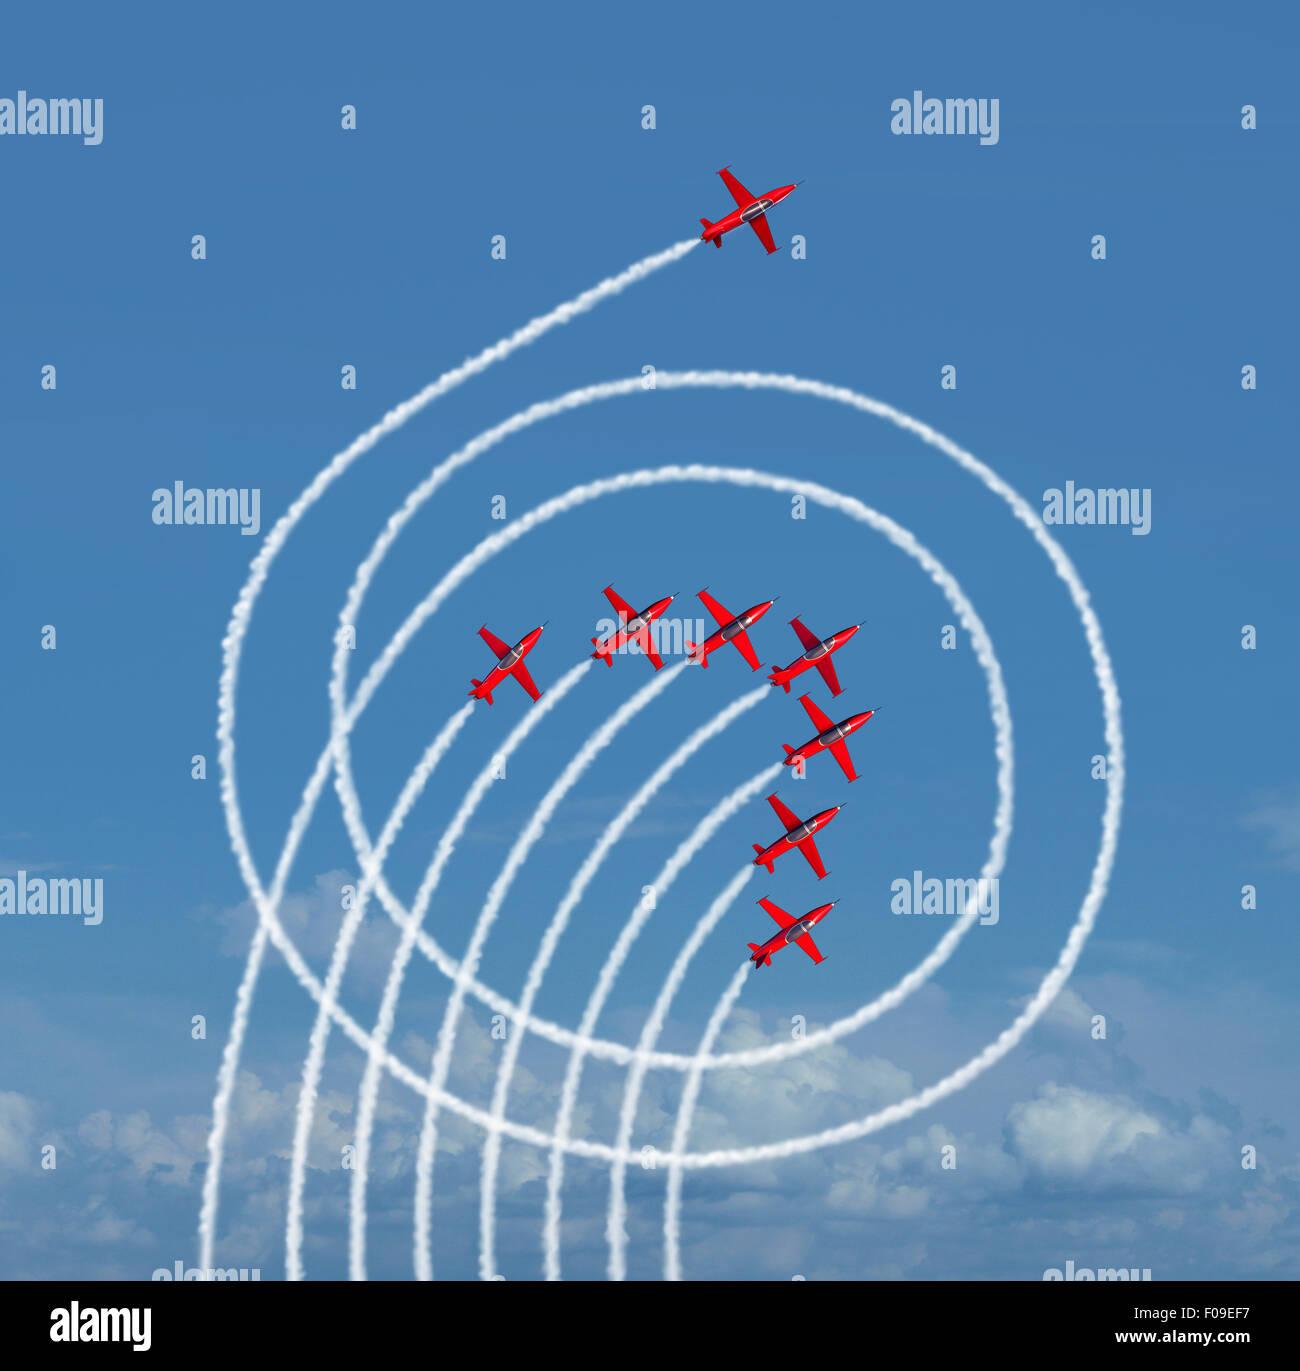 Surperformer le marché business concept comme un avion à réaction fonctionnant autour de la concurrence Photo Stock